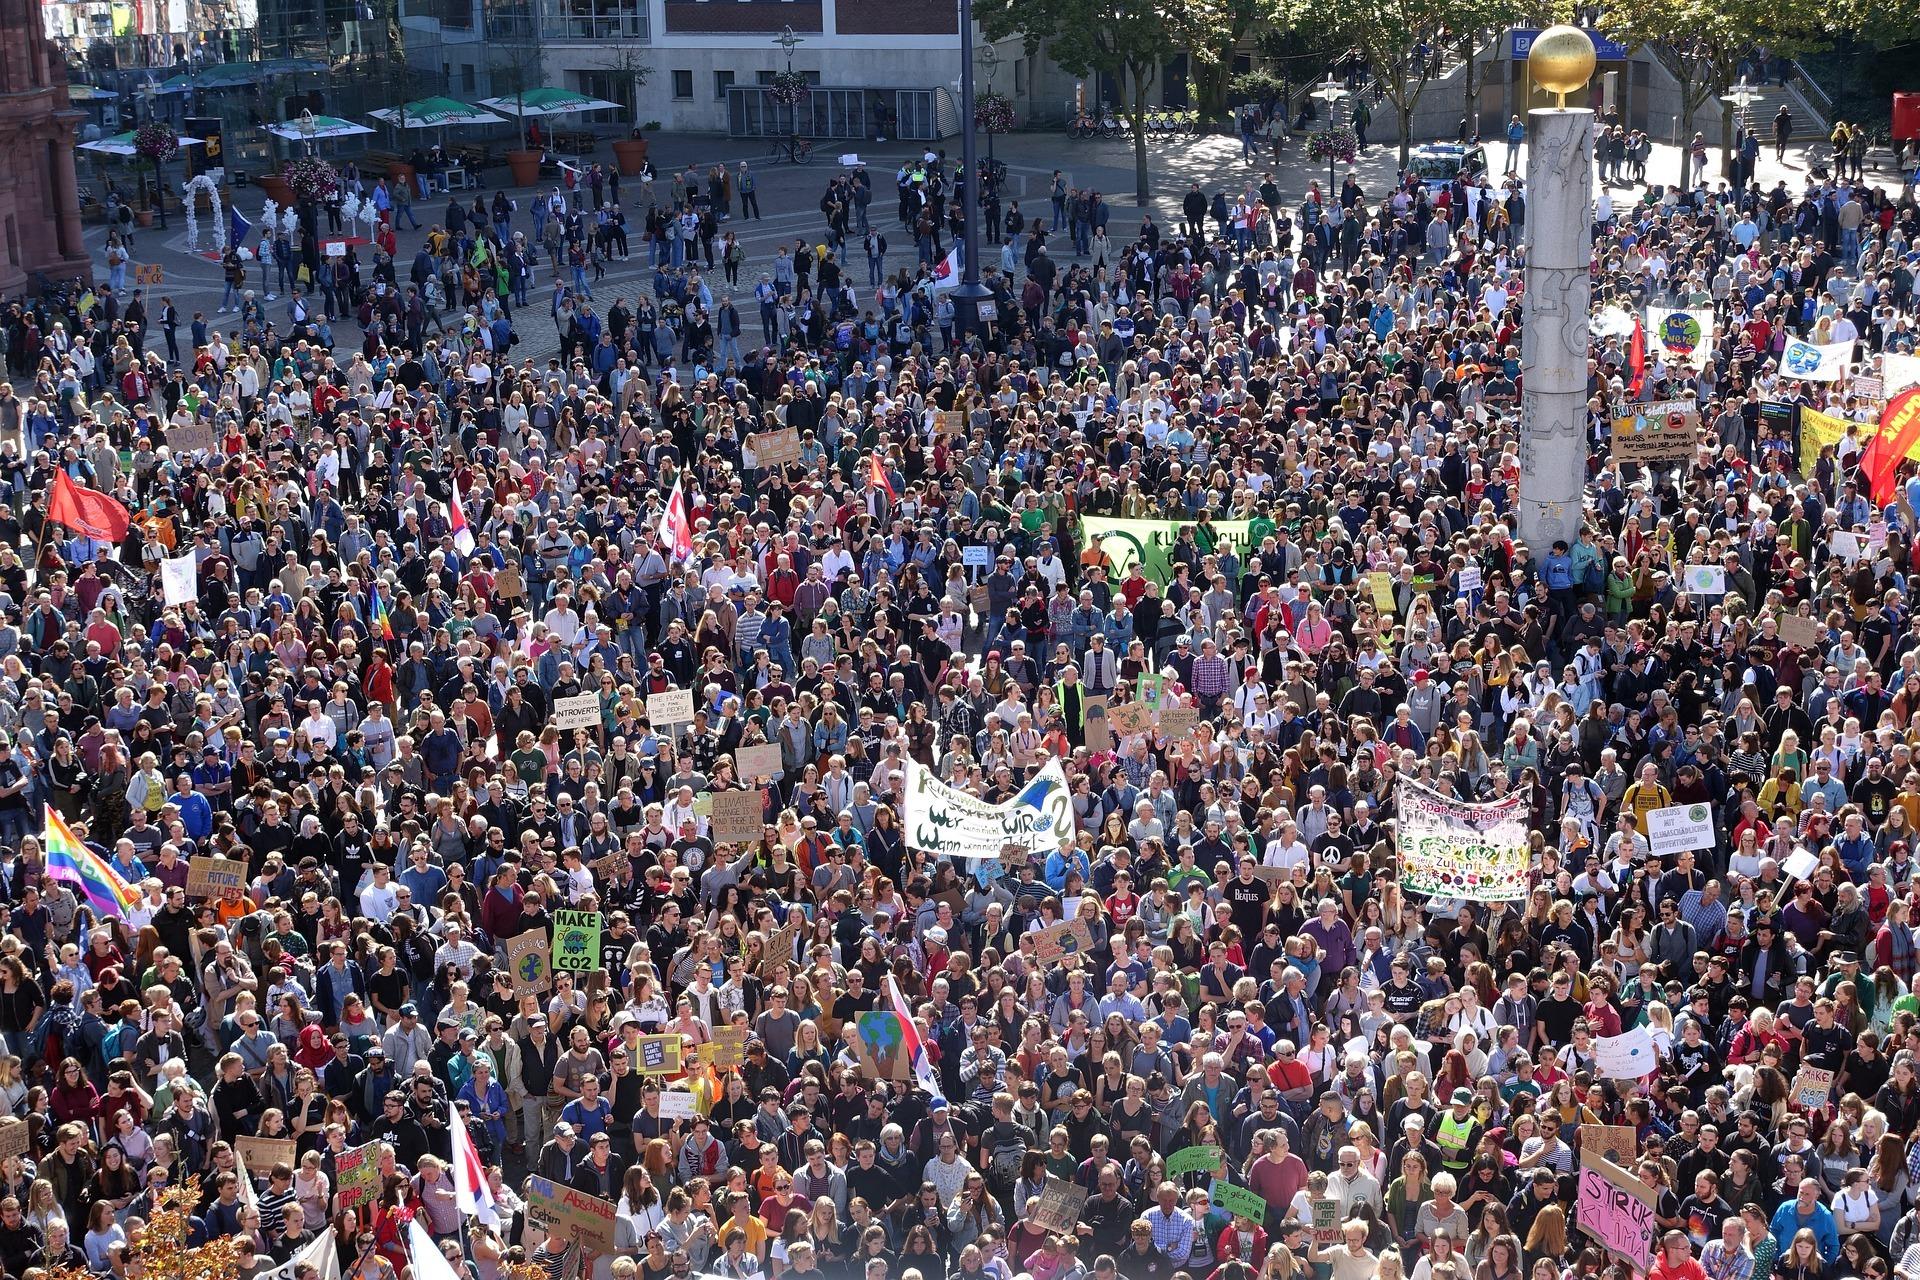 demo_protest_demonstration_menschenmasse_proteste_demonstrationen_streik